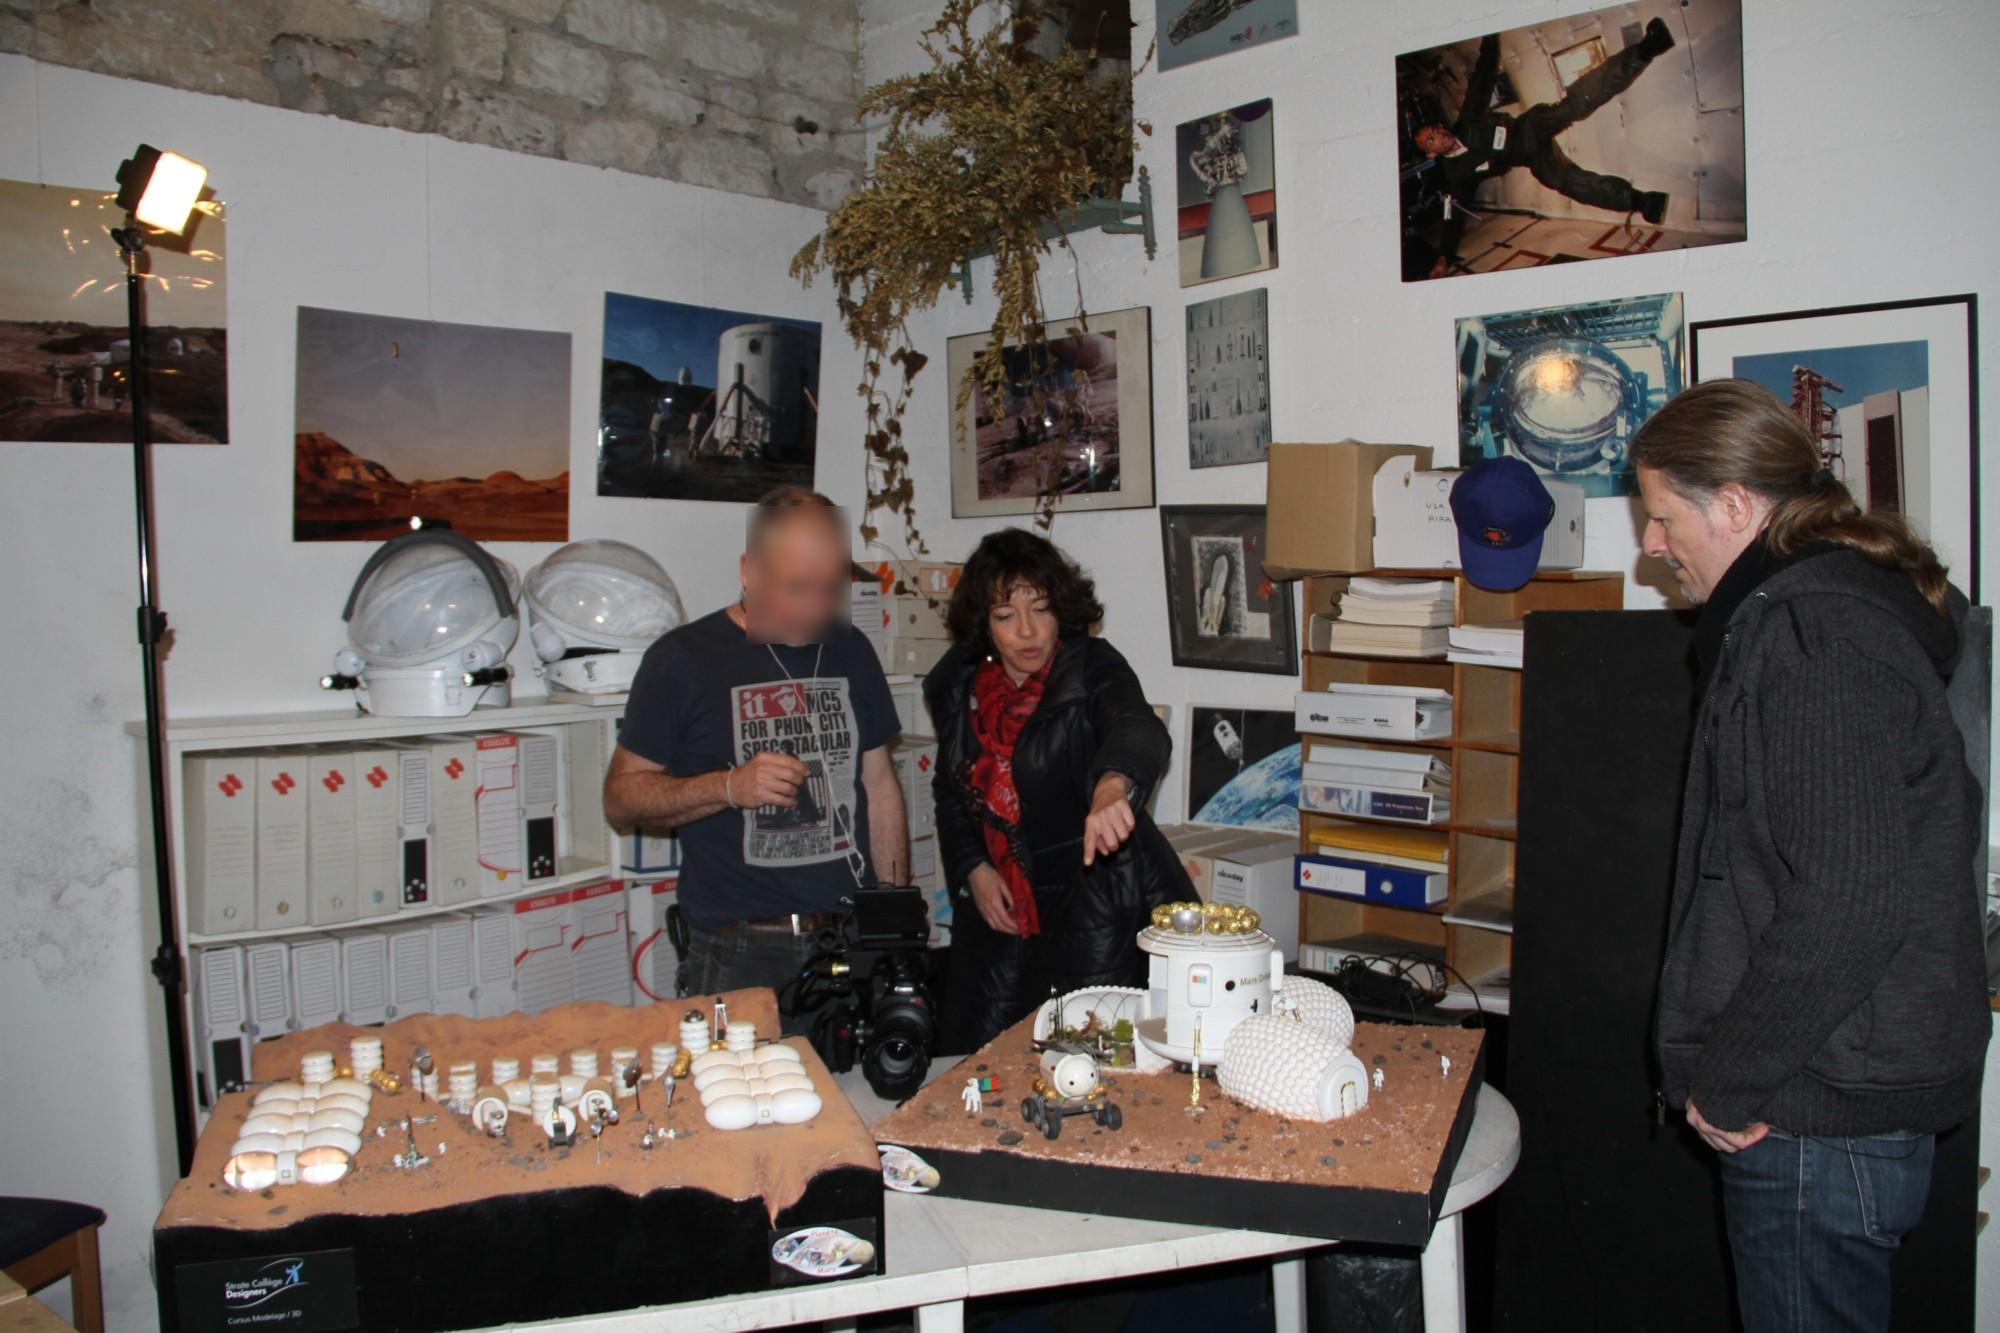 16-03-21-16h-15m-24s-tournage-youki-vattier-r-fl